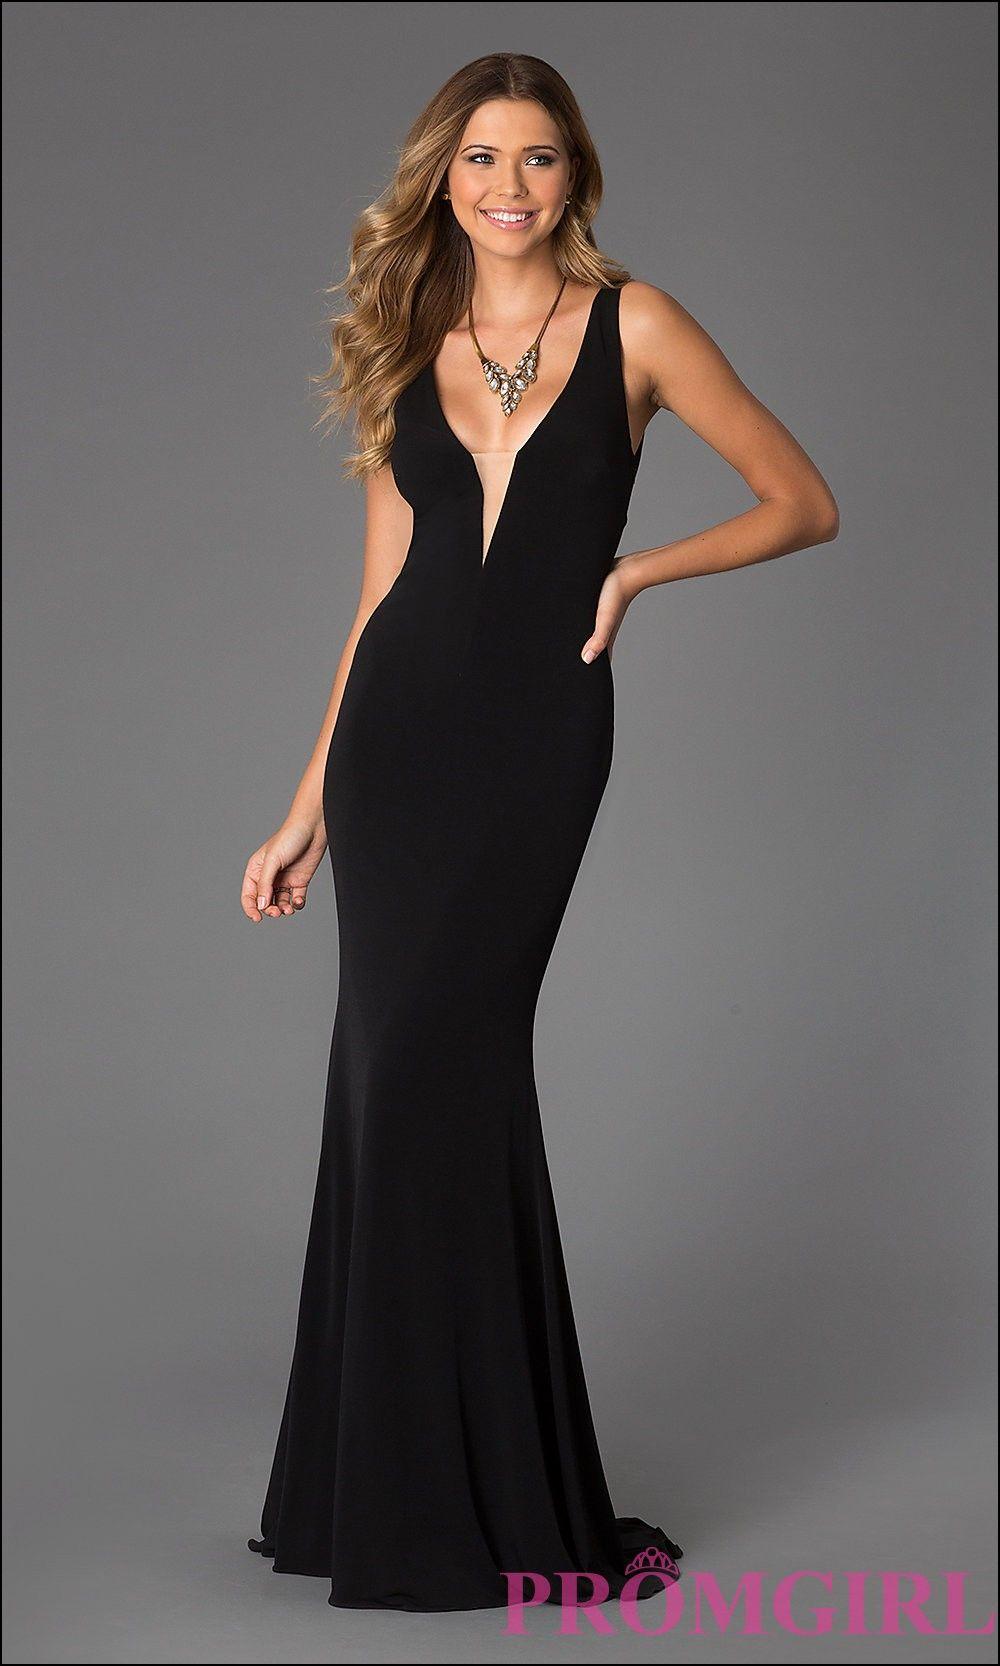 Low Cut evening Gowns   Vestidos de fiesta   Pinterest   Gowns